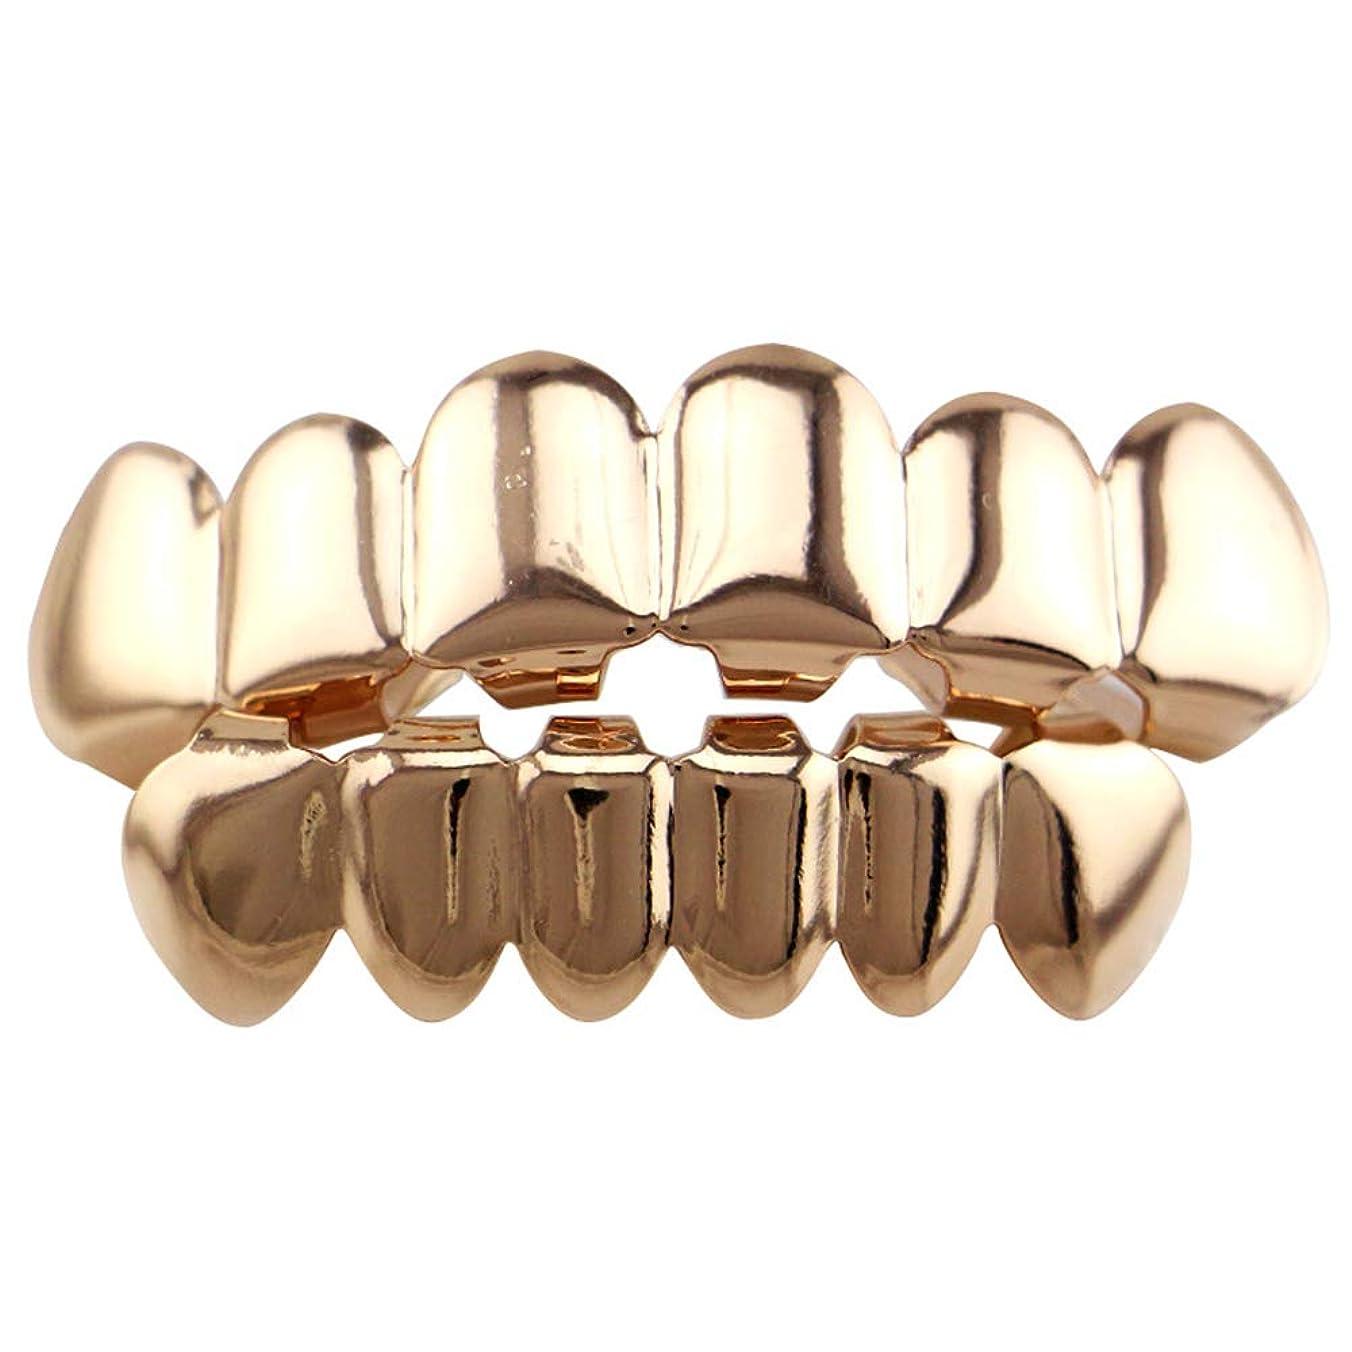 こんにちはレンダーサバントYHDD 光沢のあるヒップホップ歯のグリルキャップトップ&ボトムグリルは、Holleweenギフトのセット (色 : ローズゴールド)